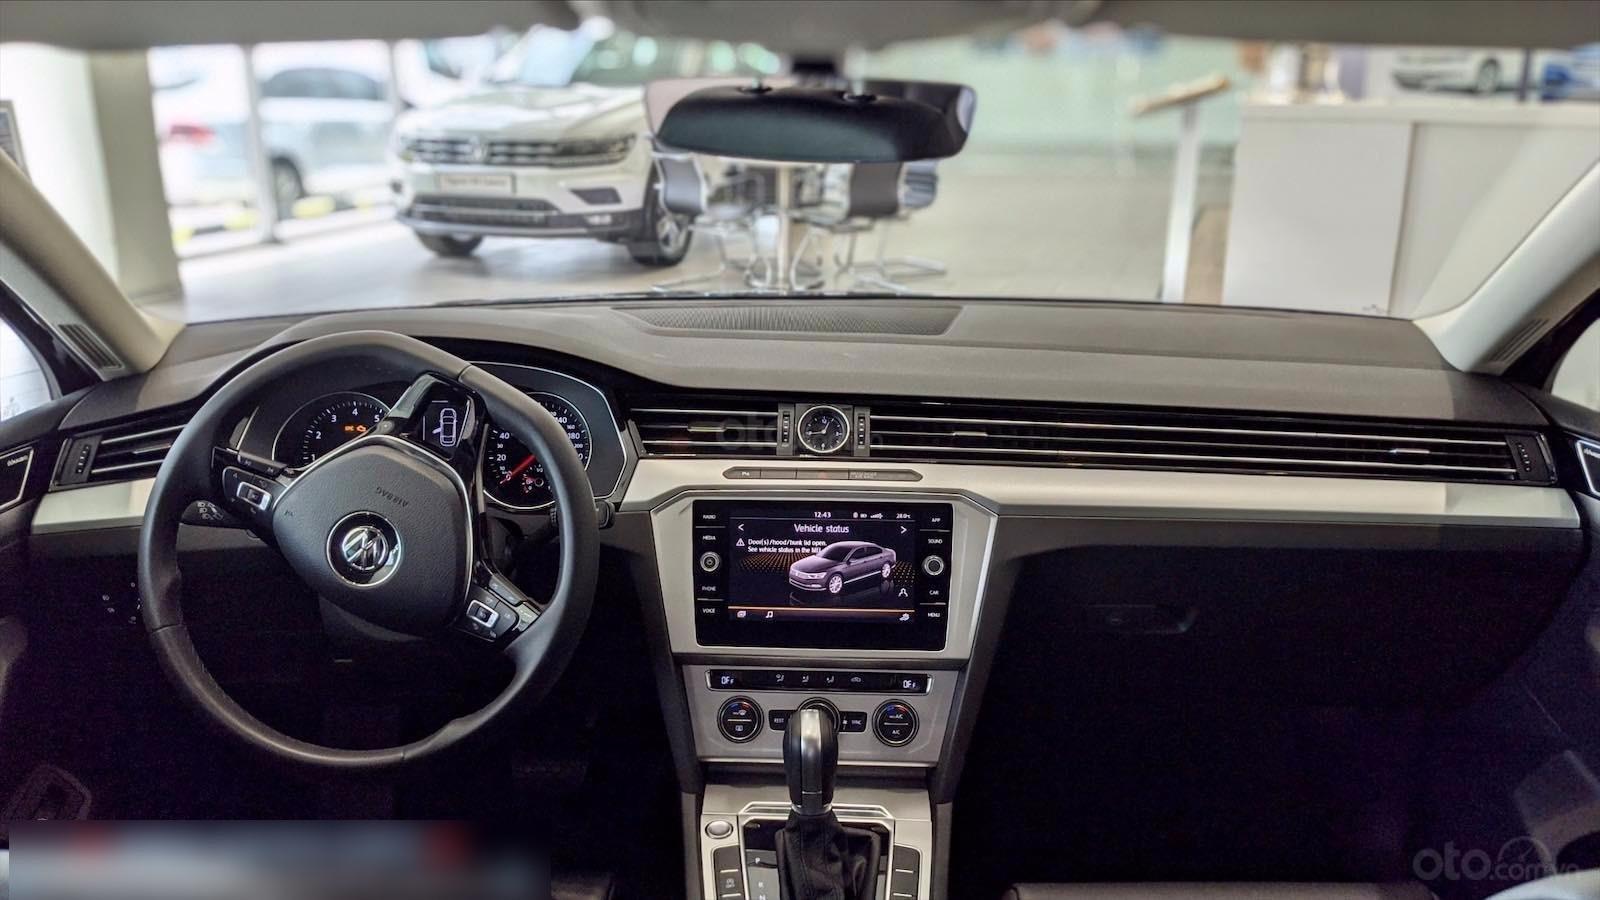 Còn 1 chiếc Passat Bluemotion 2020 màu đen duy nhất - mua xe nhập giá bất ngờ - liên hệ Mr Hùng Lâm VW Sài Gòn (3)